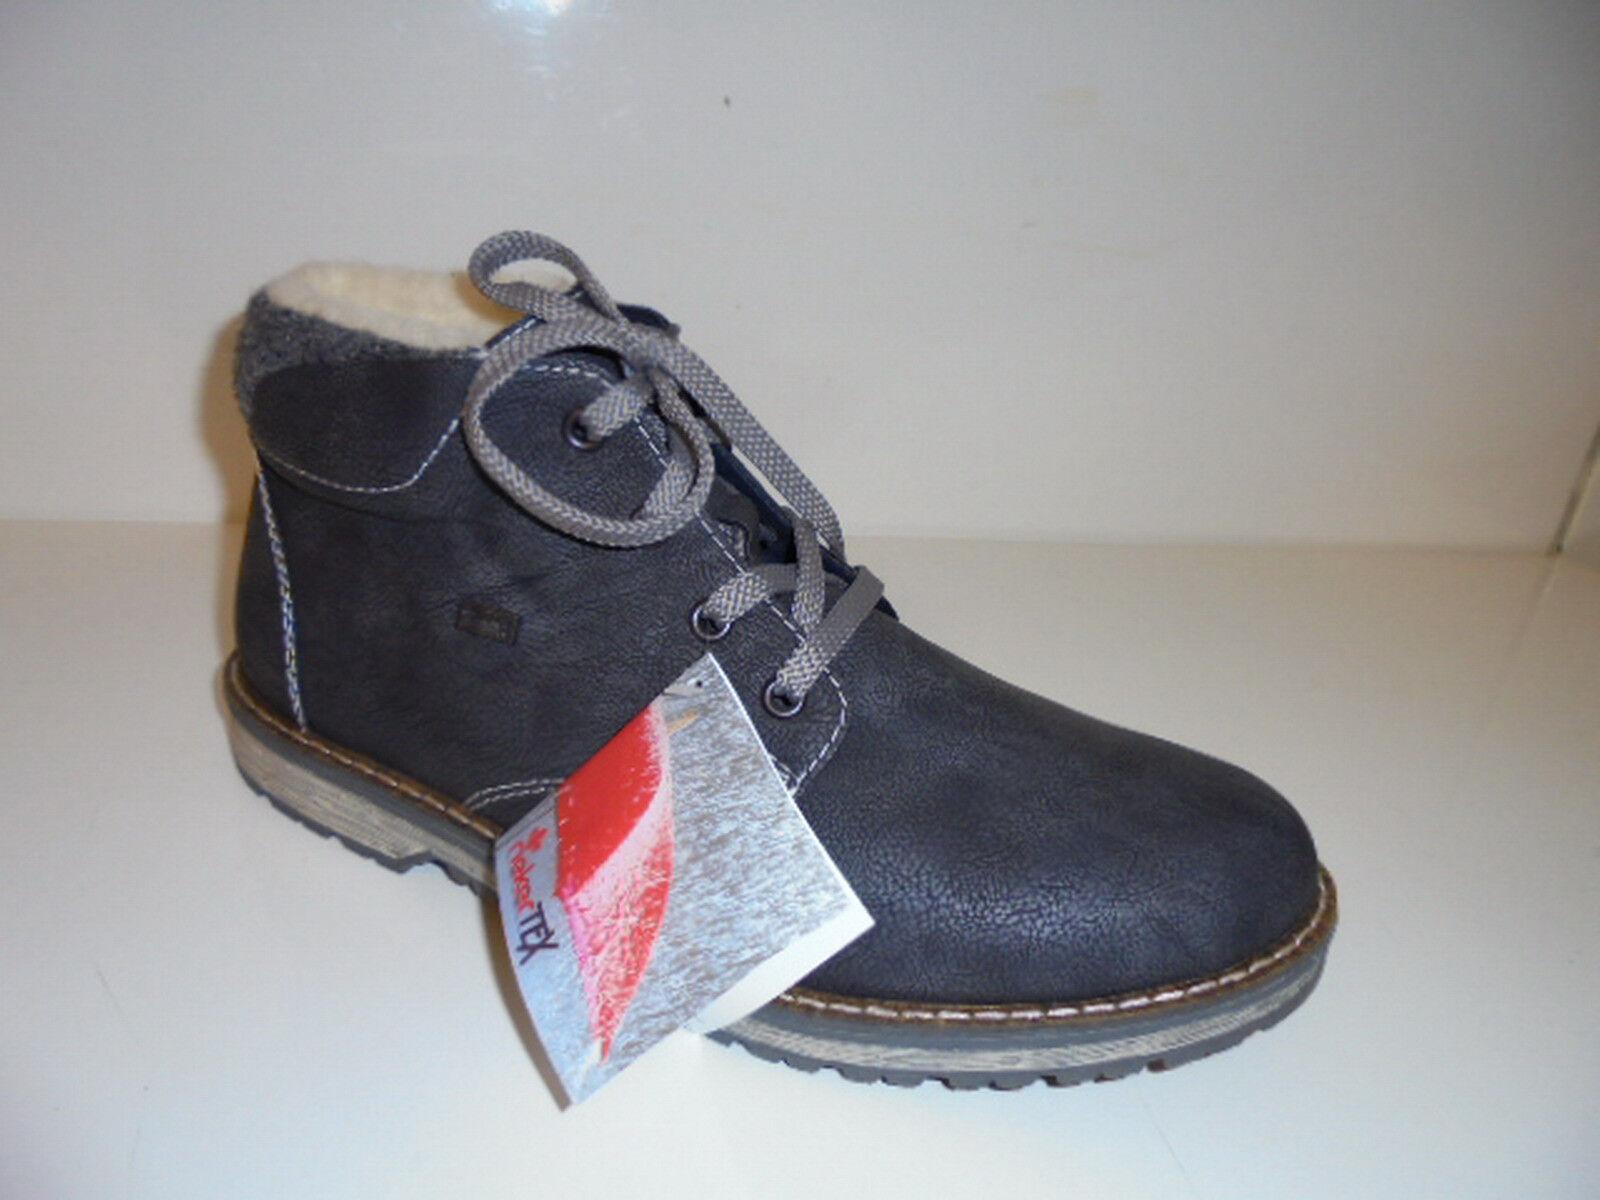 39211 Rieker Herrenschuhe Boots grau Lammwollfutter  Gr. 41